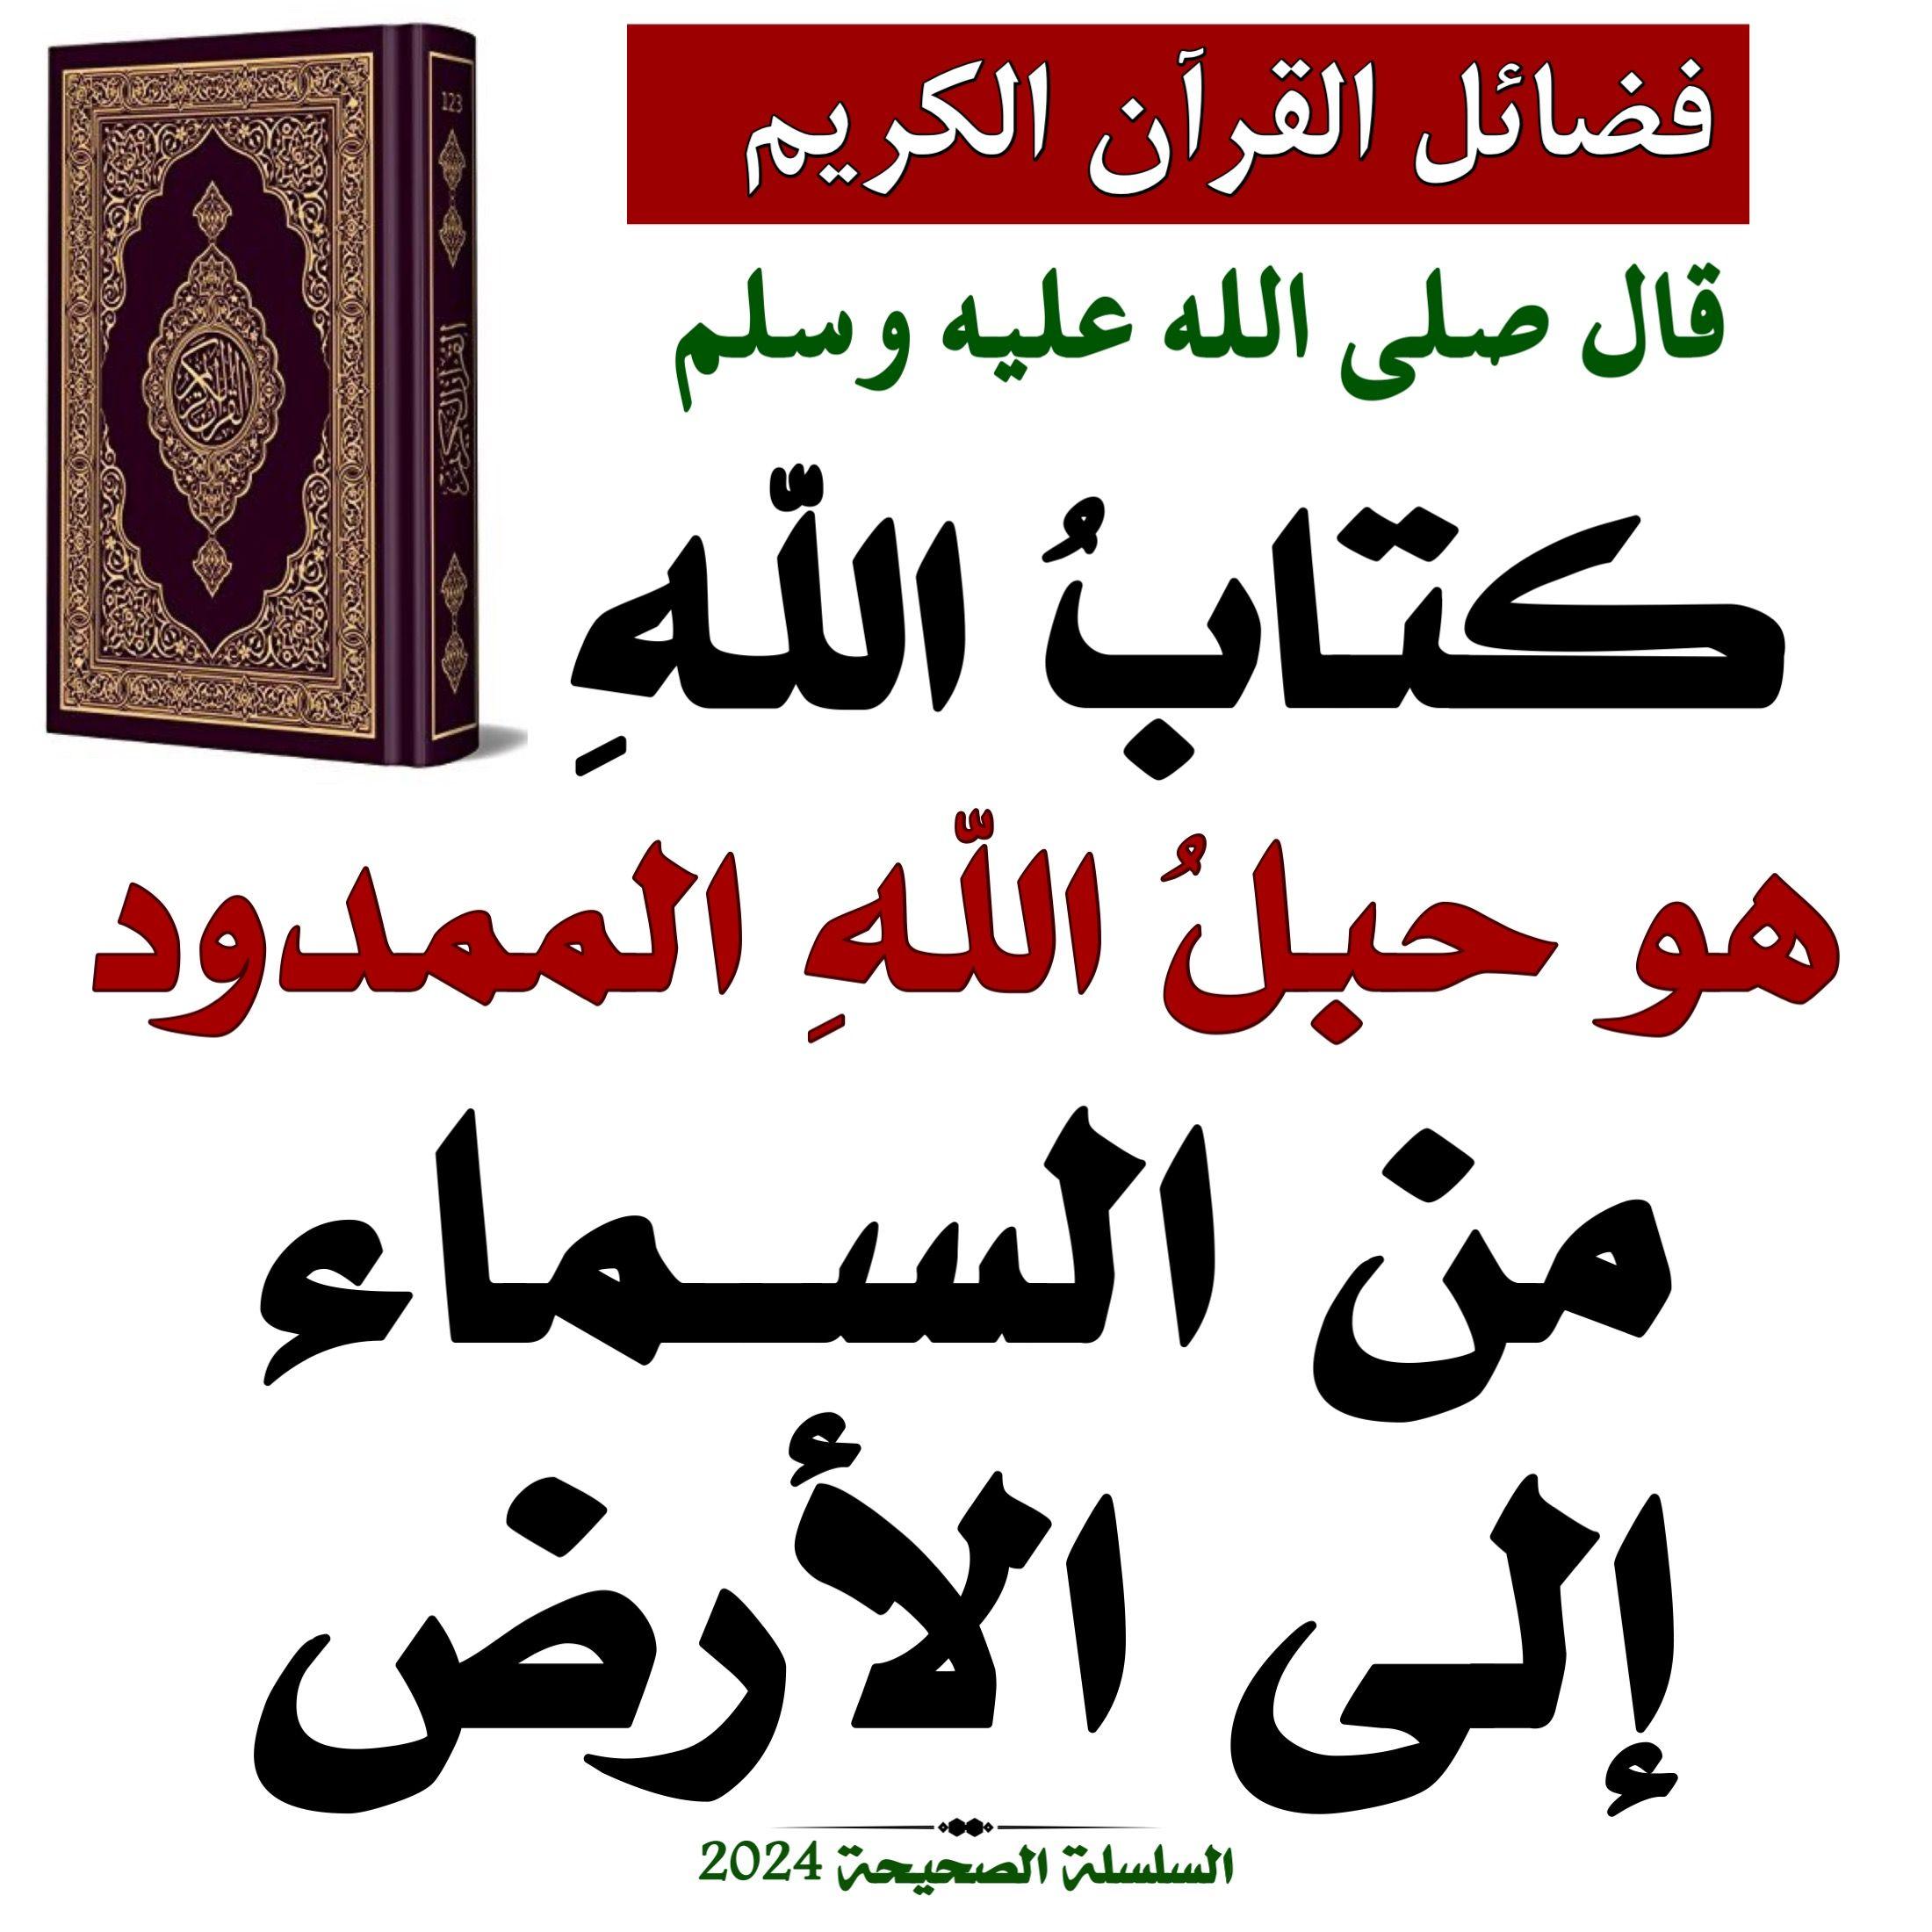 Pin By الأثر الجميل On أحاديث نبوية In 2021 Tariq Ramadan Peace Be Upon Him Hadith